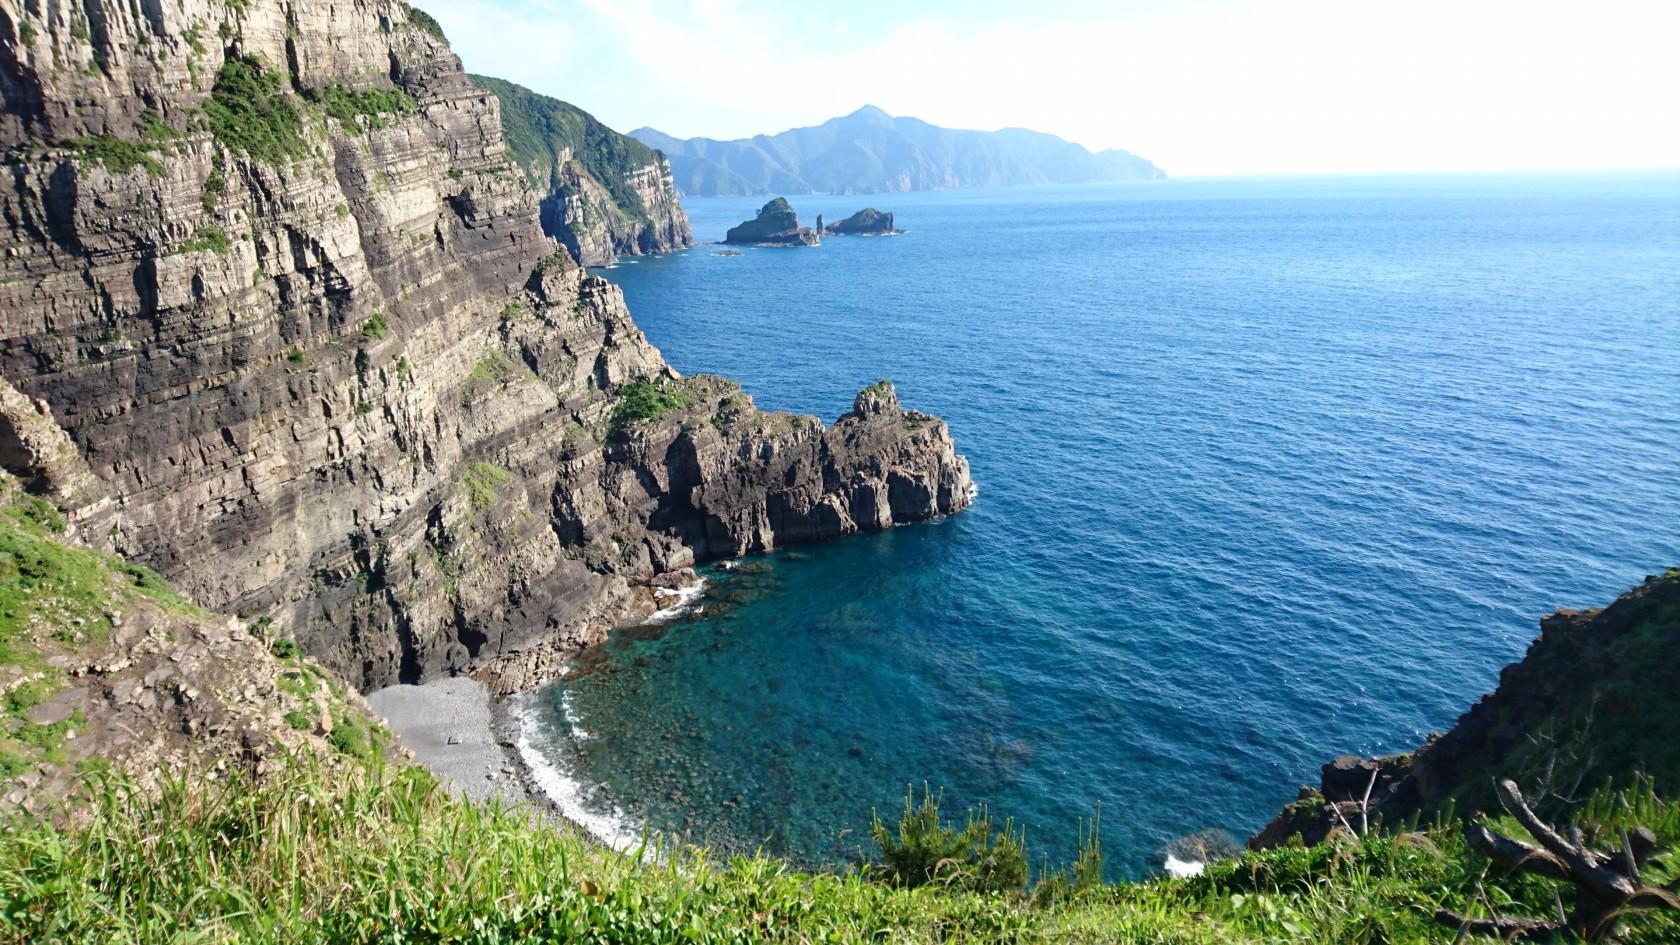 茨城県から鹿児島県の下甑島(しもこしきしま)までの行き方